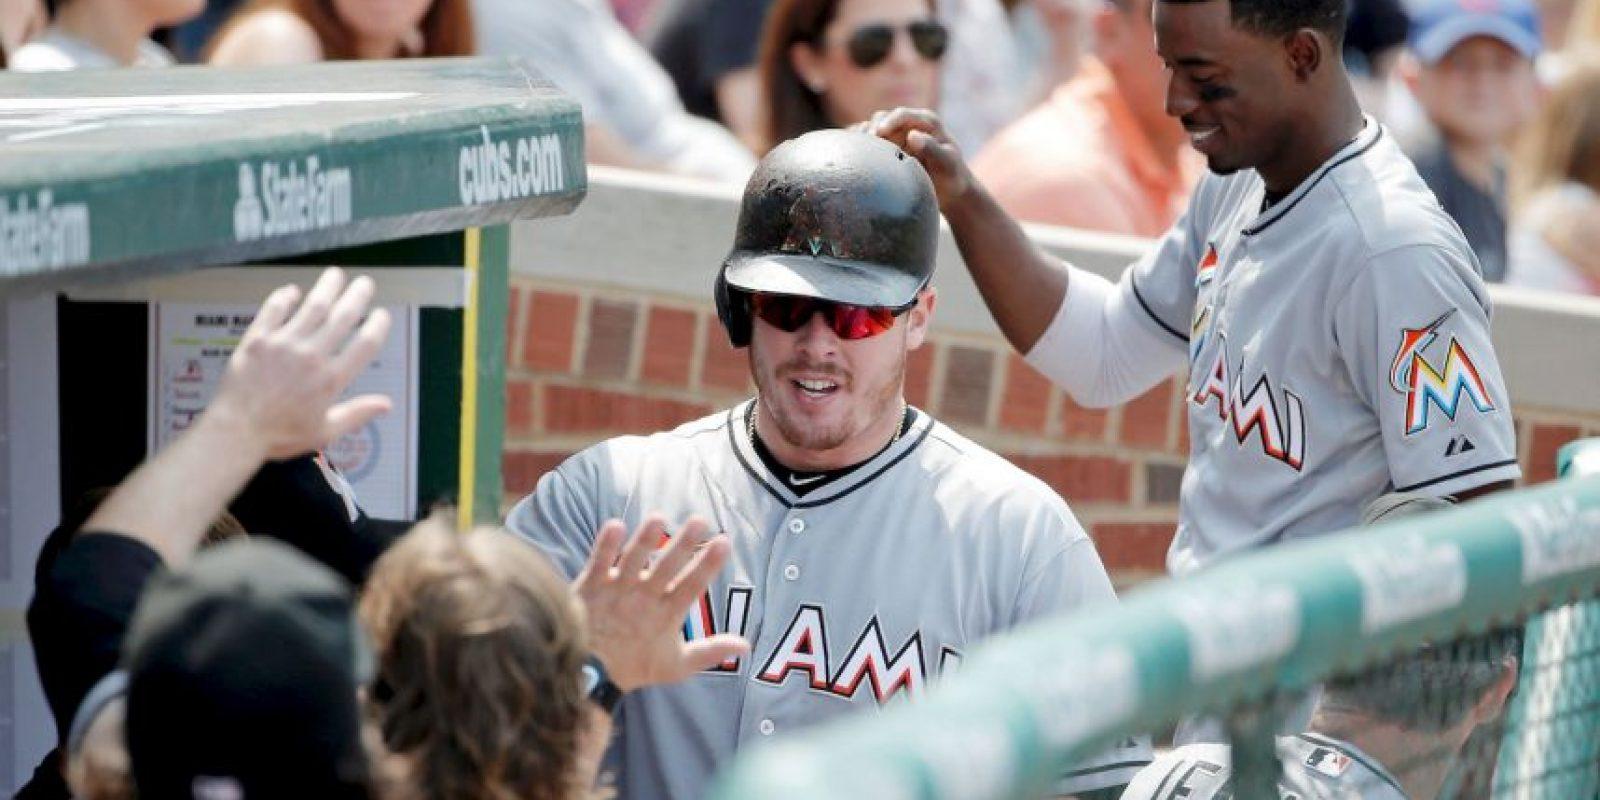 La razón es sencilla: ambas organizaciones pertenecen a la Liga Nacional, una de las dos ligas que integran la MLB, y la Serie Mundial enfrenta al campeón de la Liga Nacional contra el campeón de la Liga Americana. Foto:Getty Images